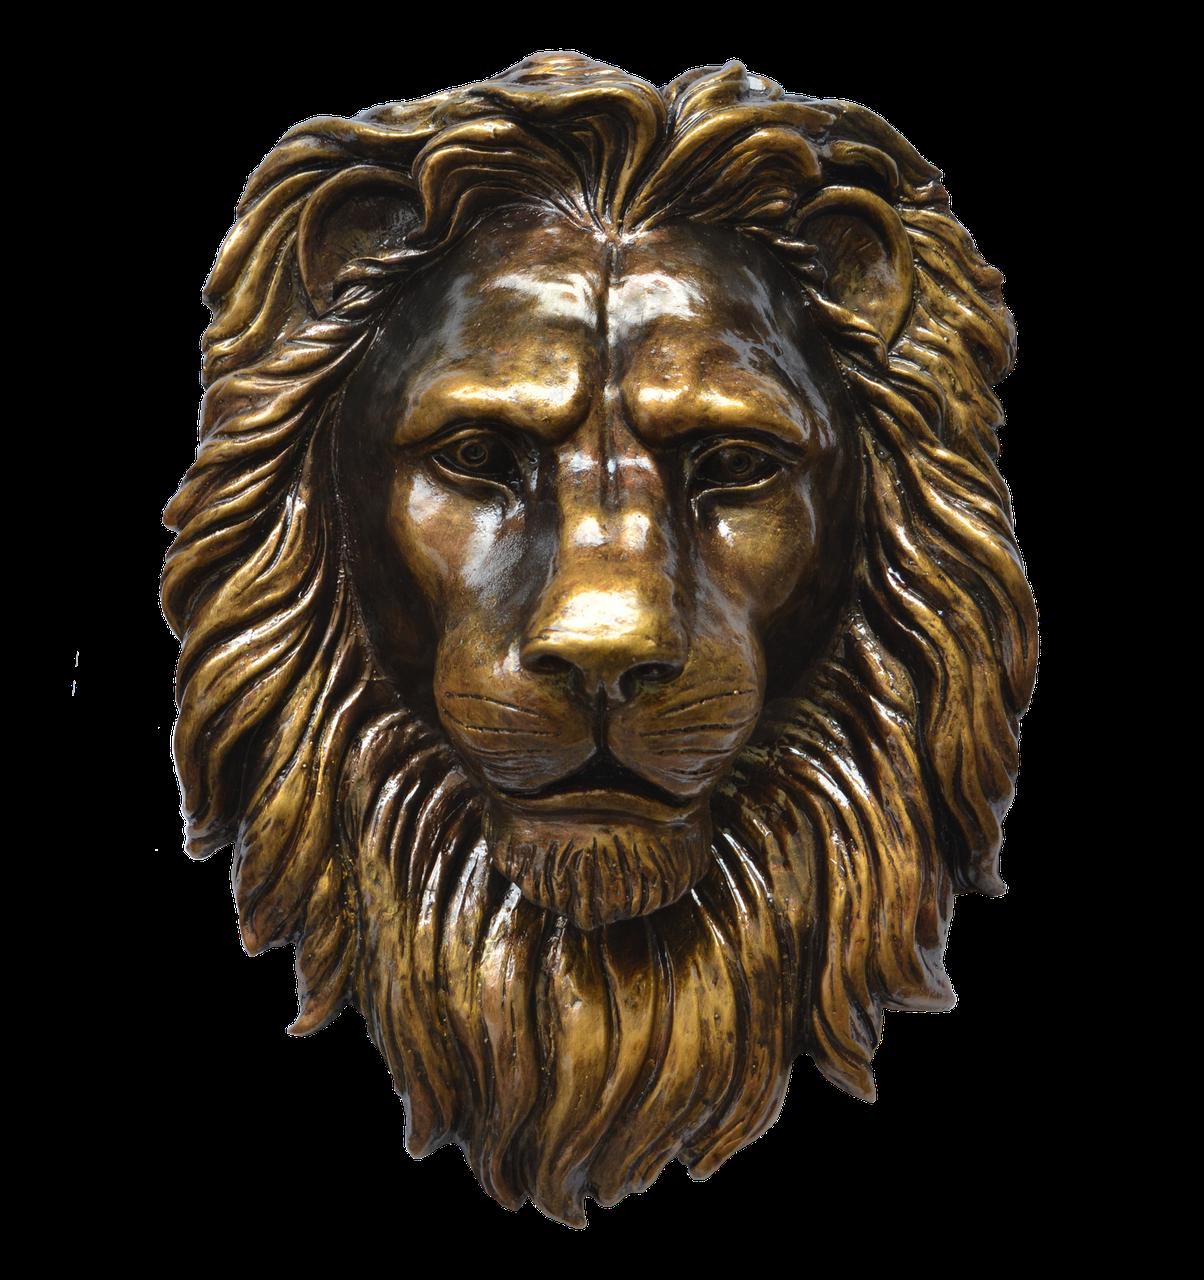 Барельеф голова льва, фото 1